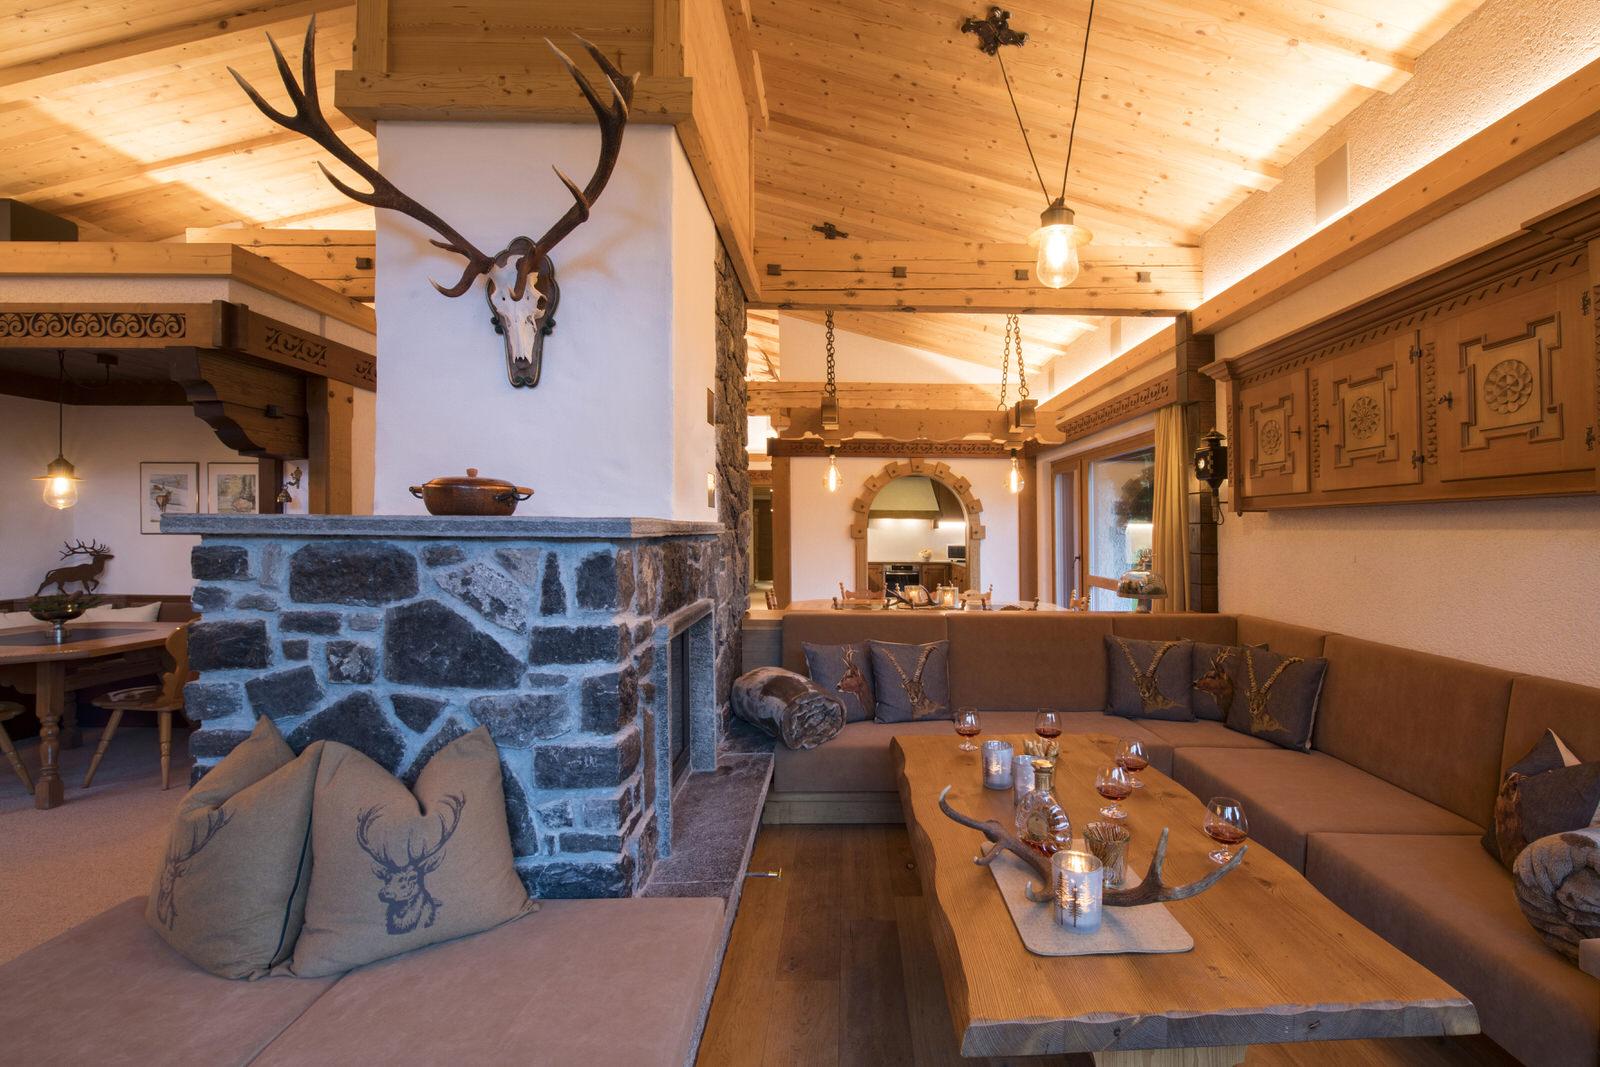 Rappakopf Forrest house in the Montafon - open fireplace